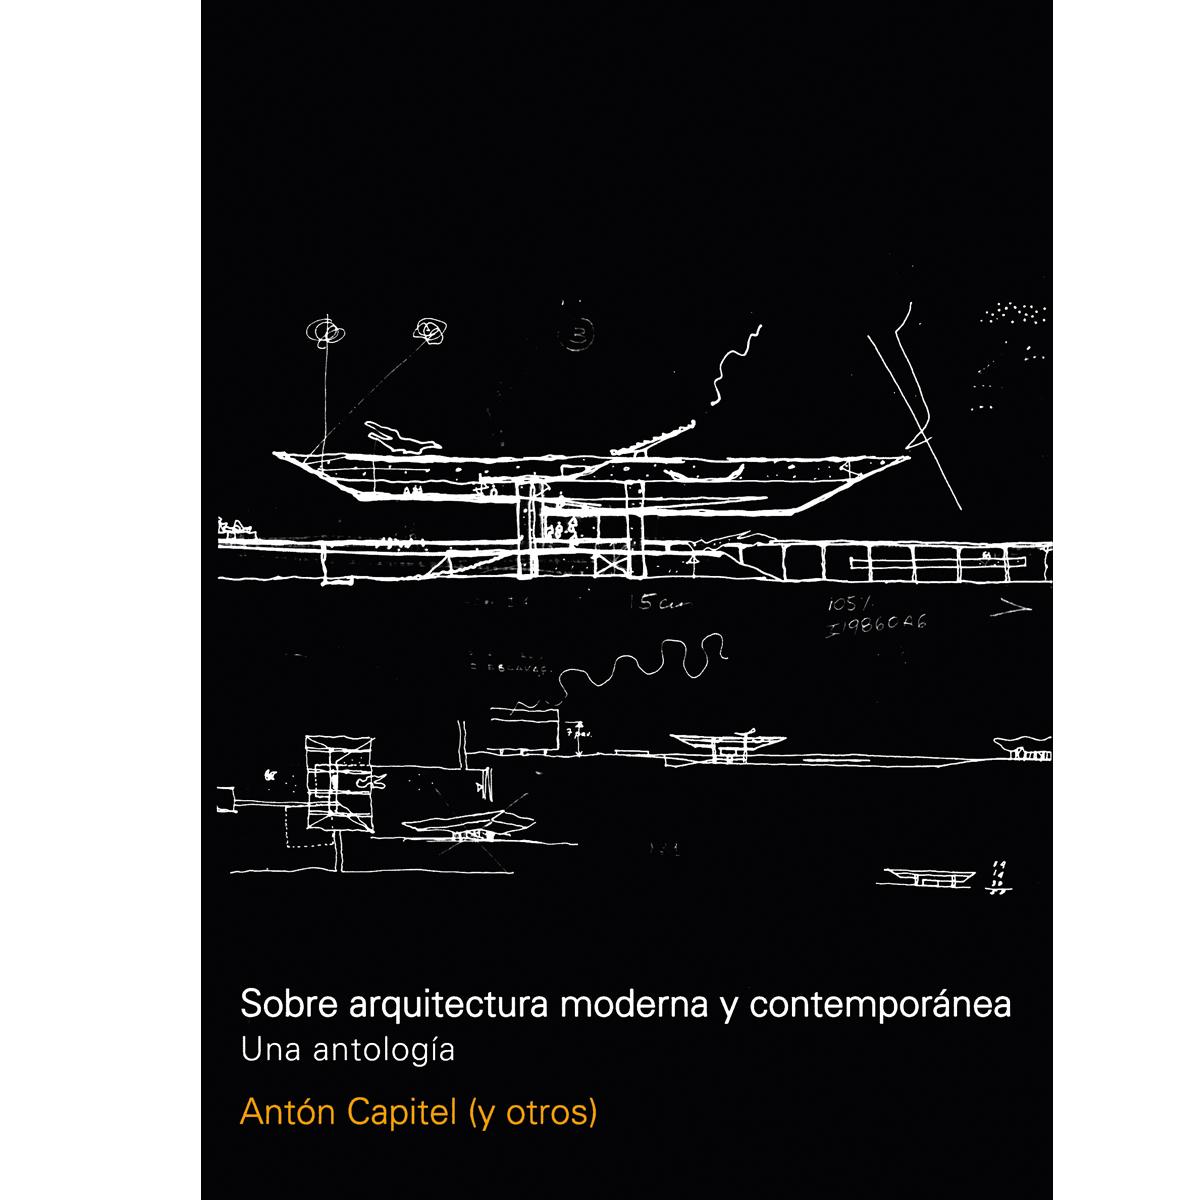 Sobre arquitectura moderna y contemporánea